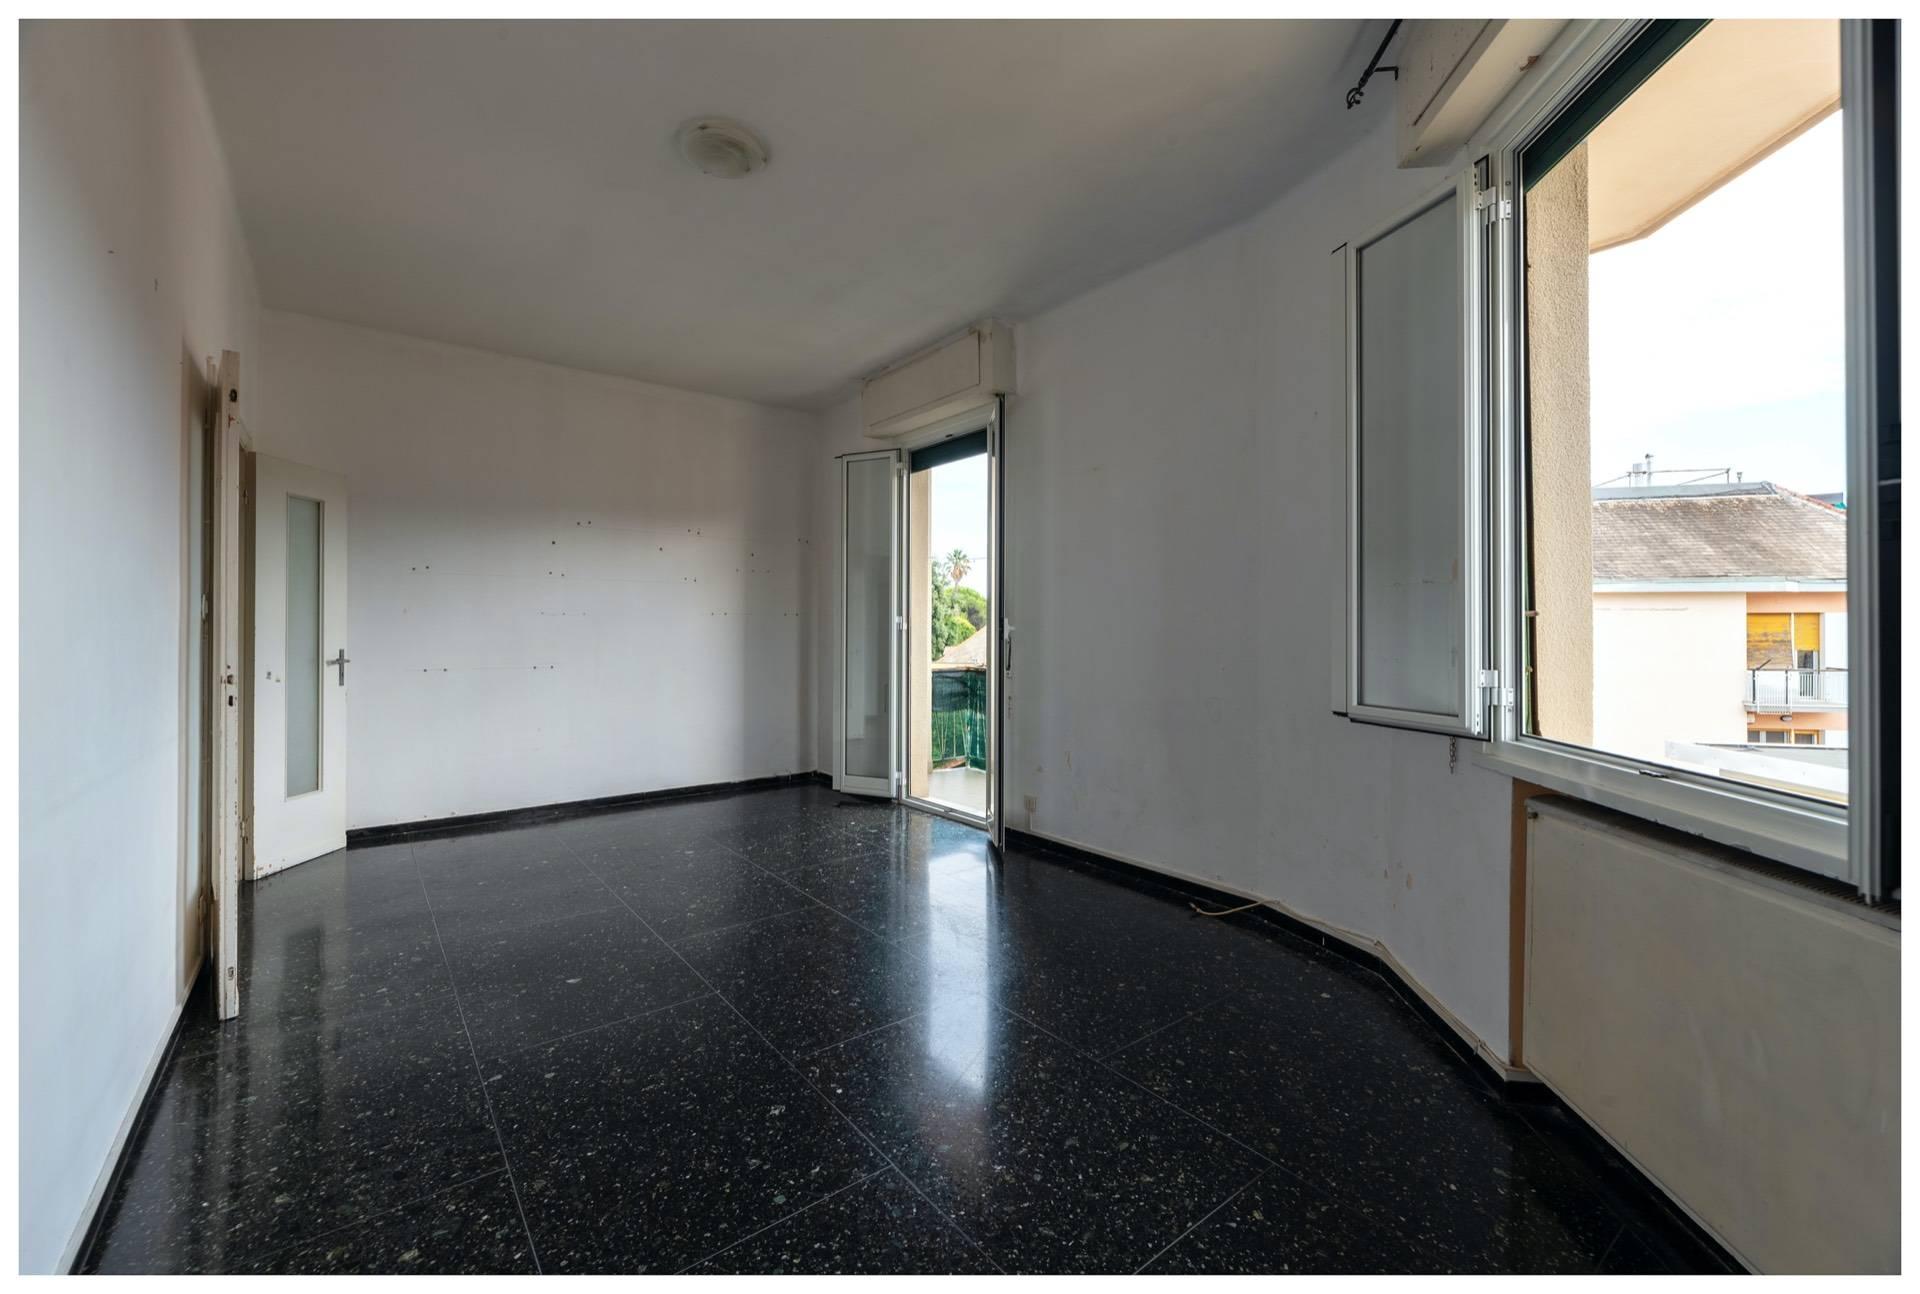 Appartamento in affitto a Arenzano, 5 locali, zona Località: Stazione/Rue, prezzo € 750 | PortaleAgenzieImmobiliari.it